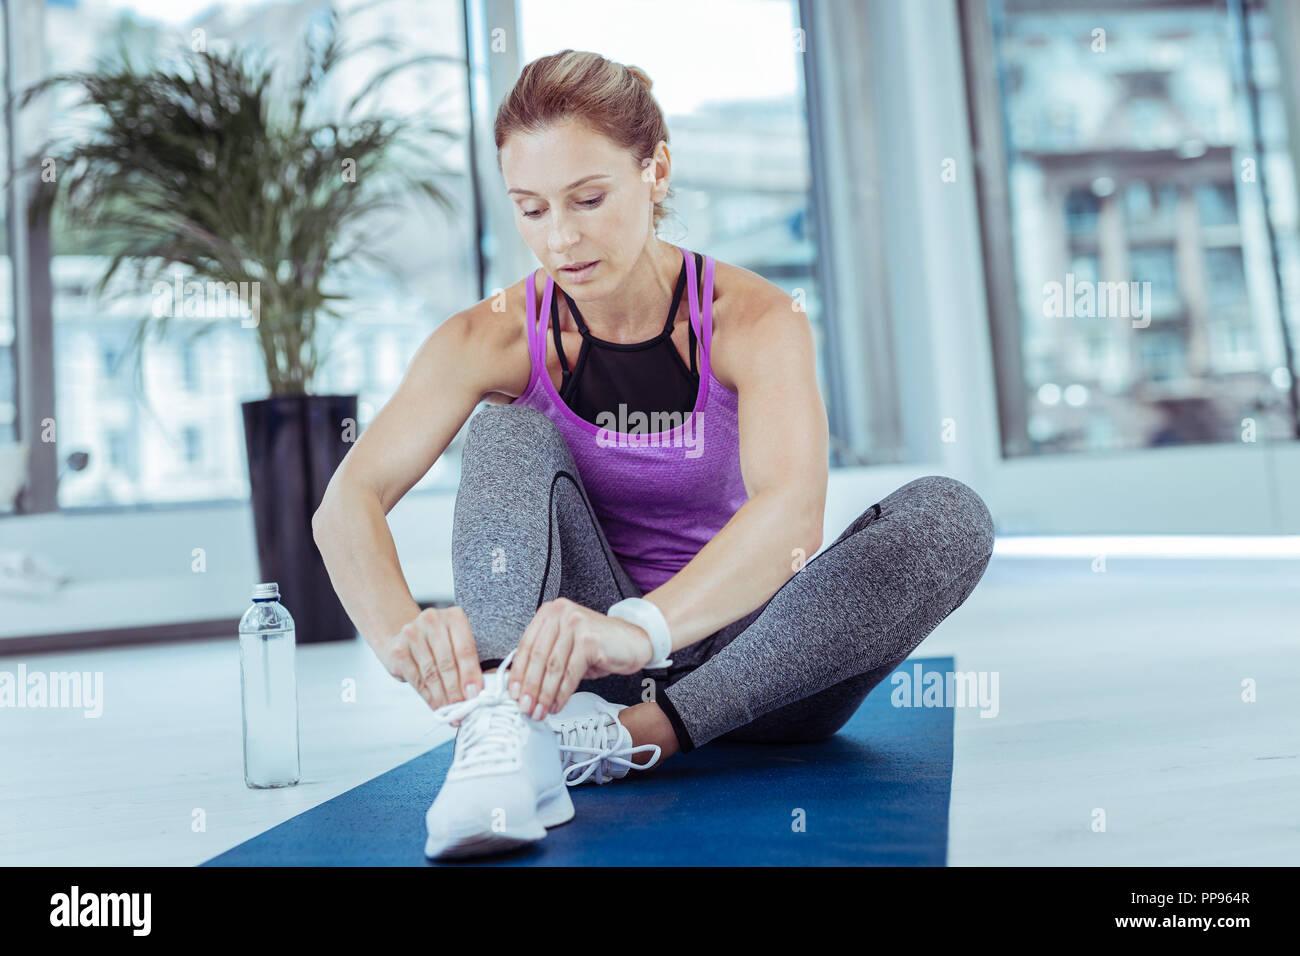 Reife Frau fertig zu Workout konzentrieren Stockbild